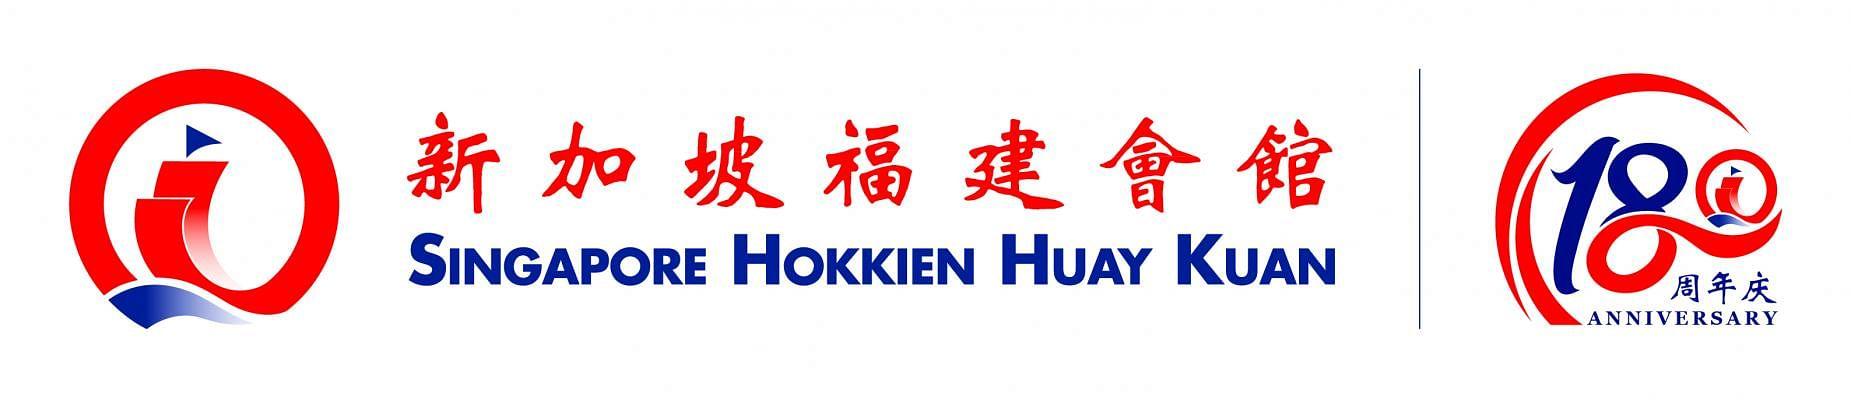 shhk180_logo_final_horizontal_Small.jpg